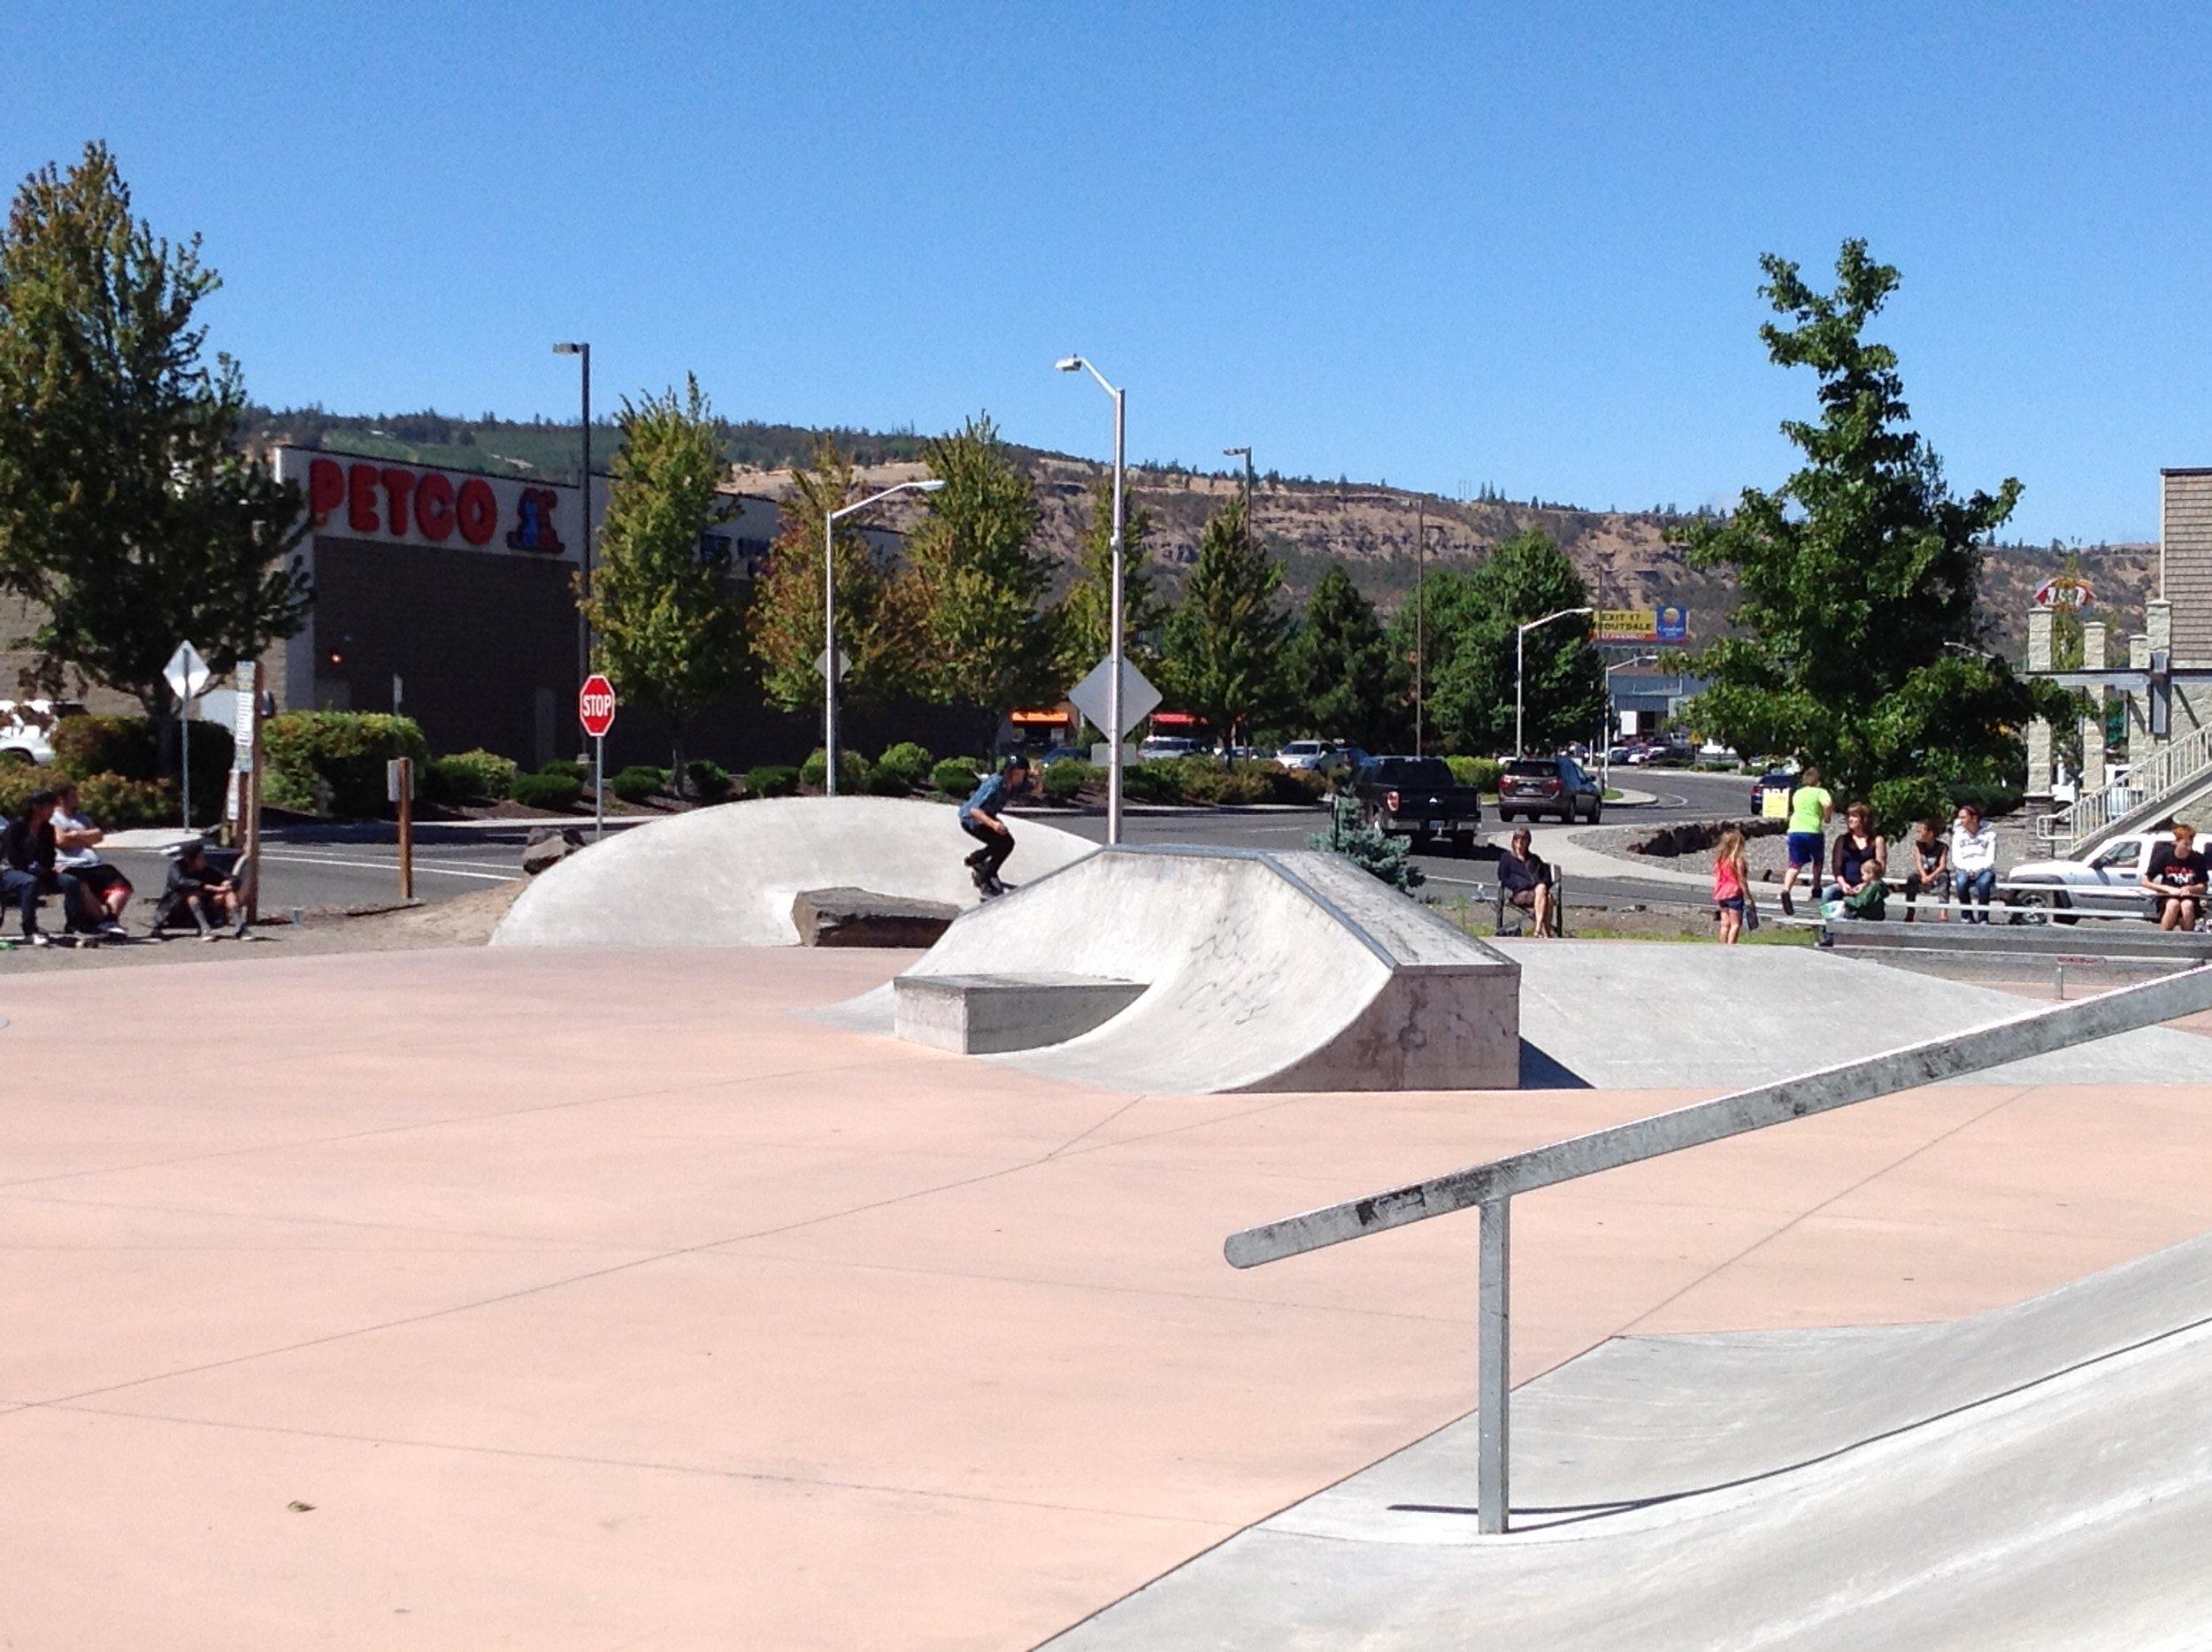 The Dalles Skate Park